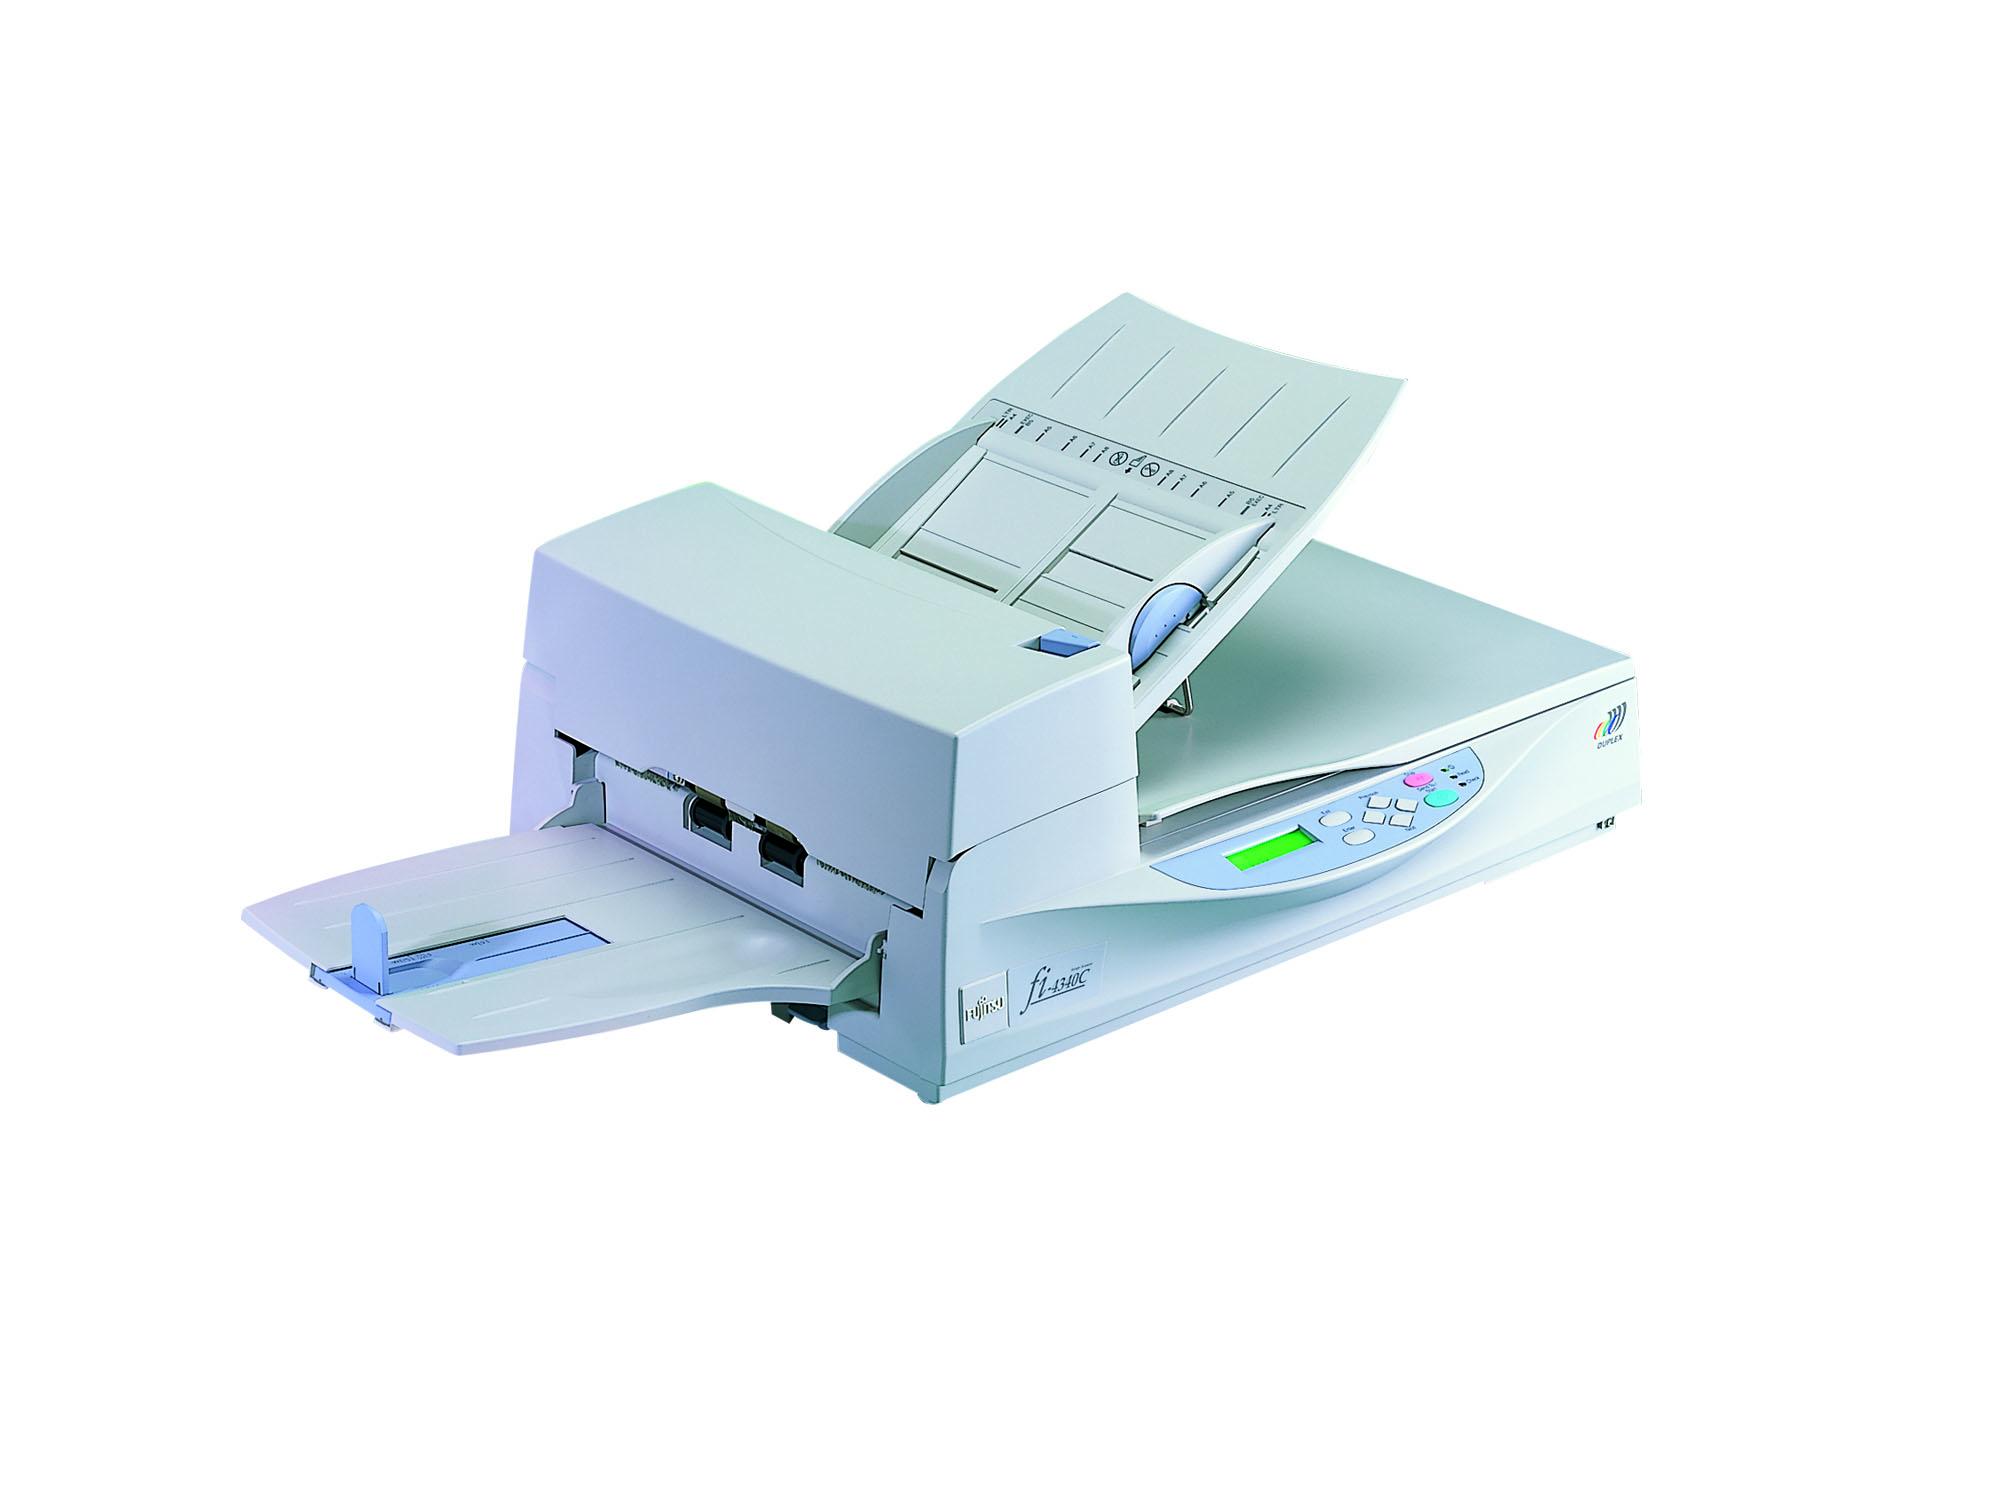 Darba grupas skeneri